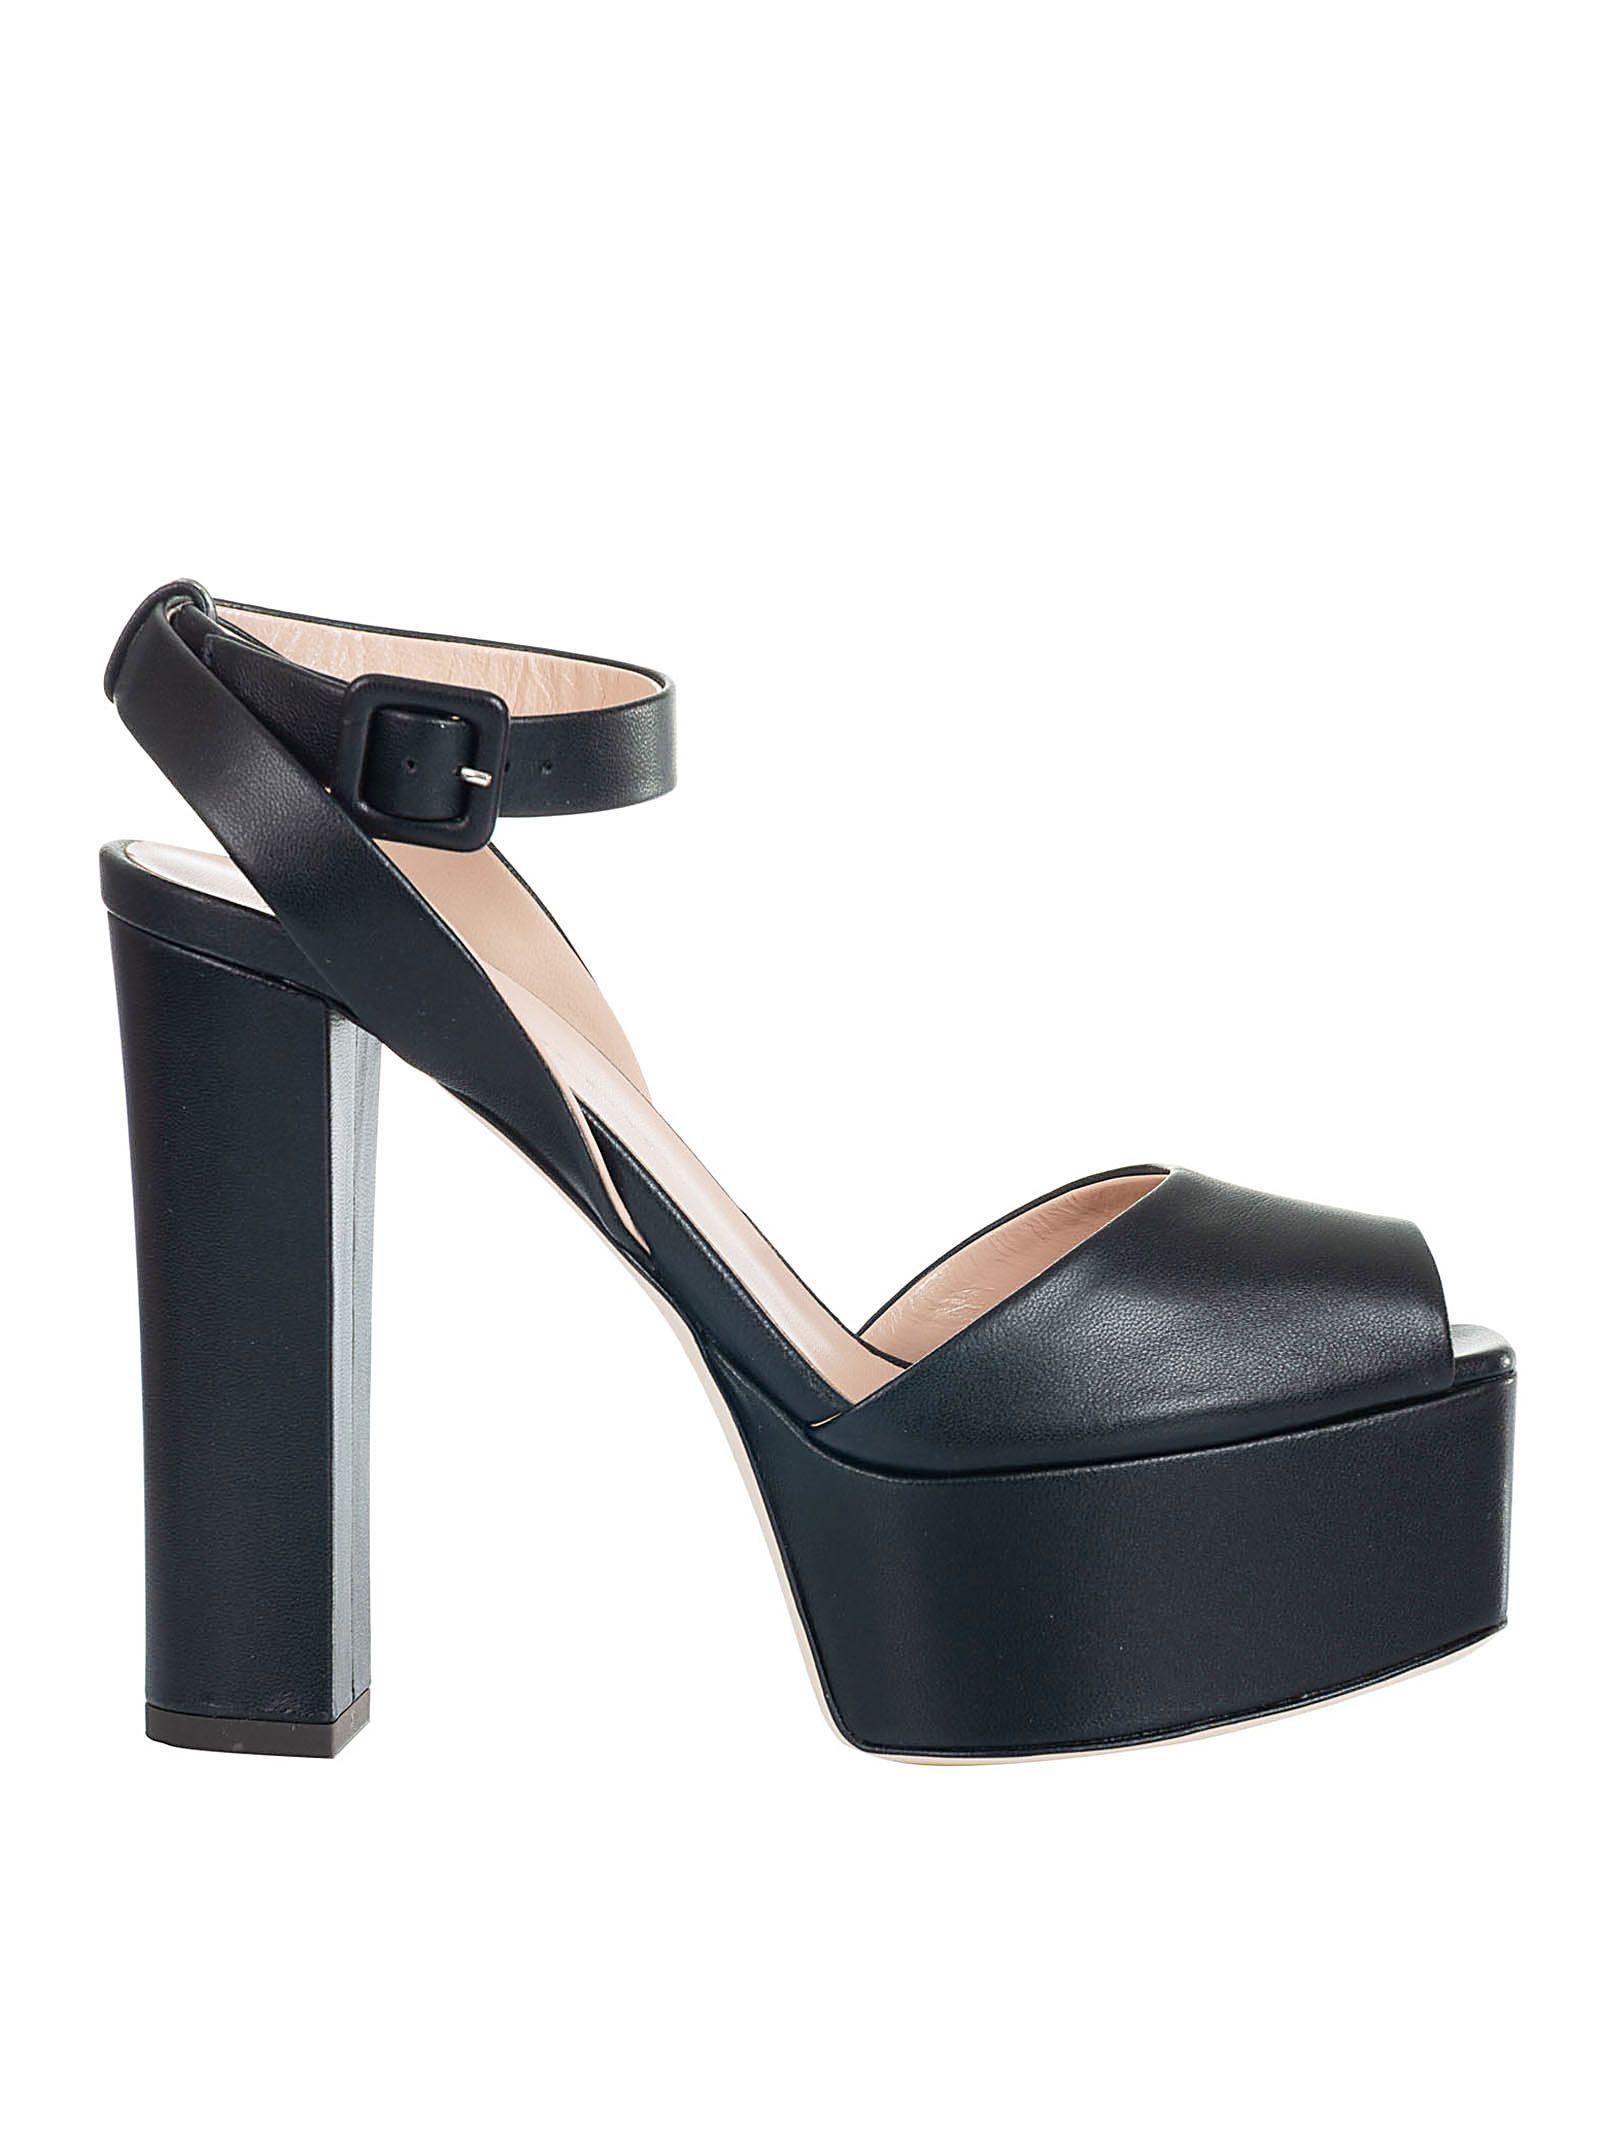 2905eb5243a Giuseppe Zanotti Giuseppe Zanotti Ankle Strap Platform Sandals ...